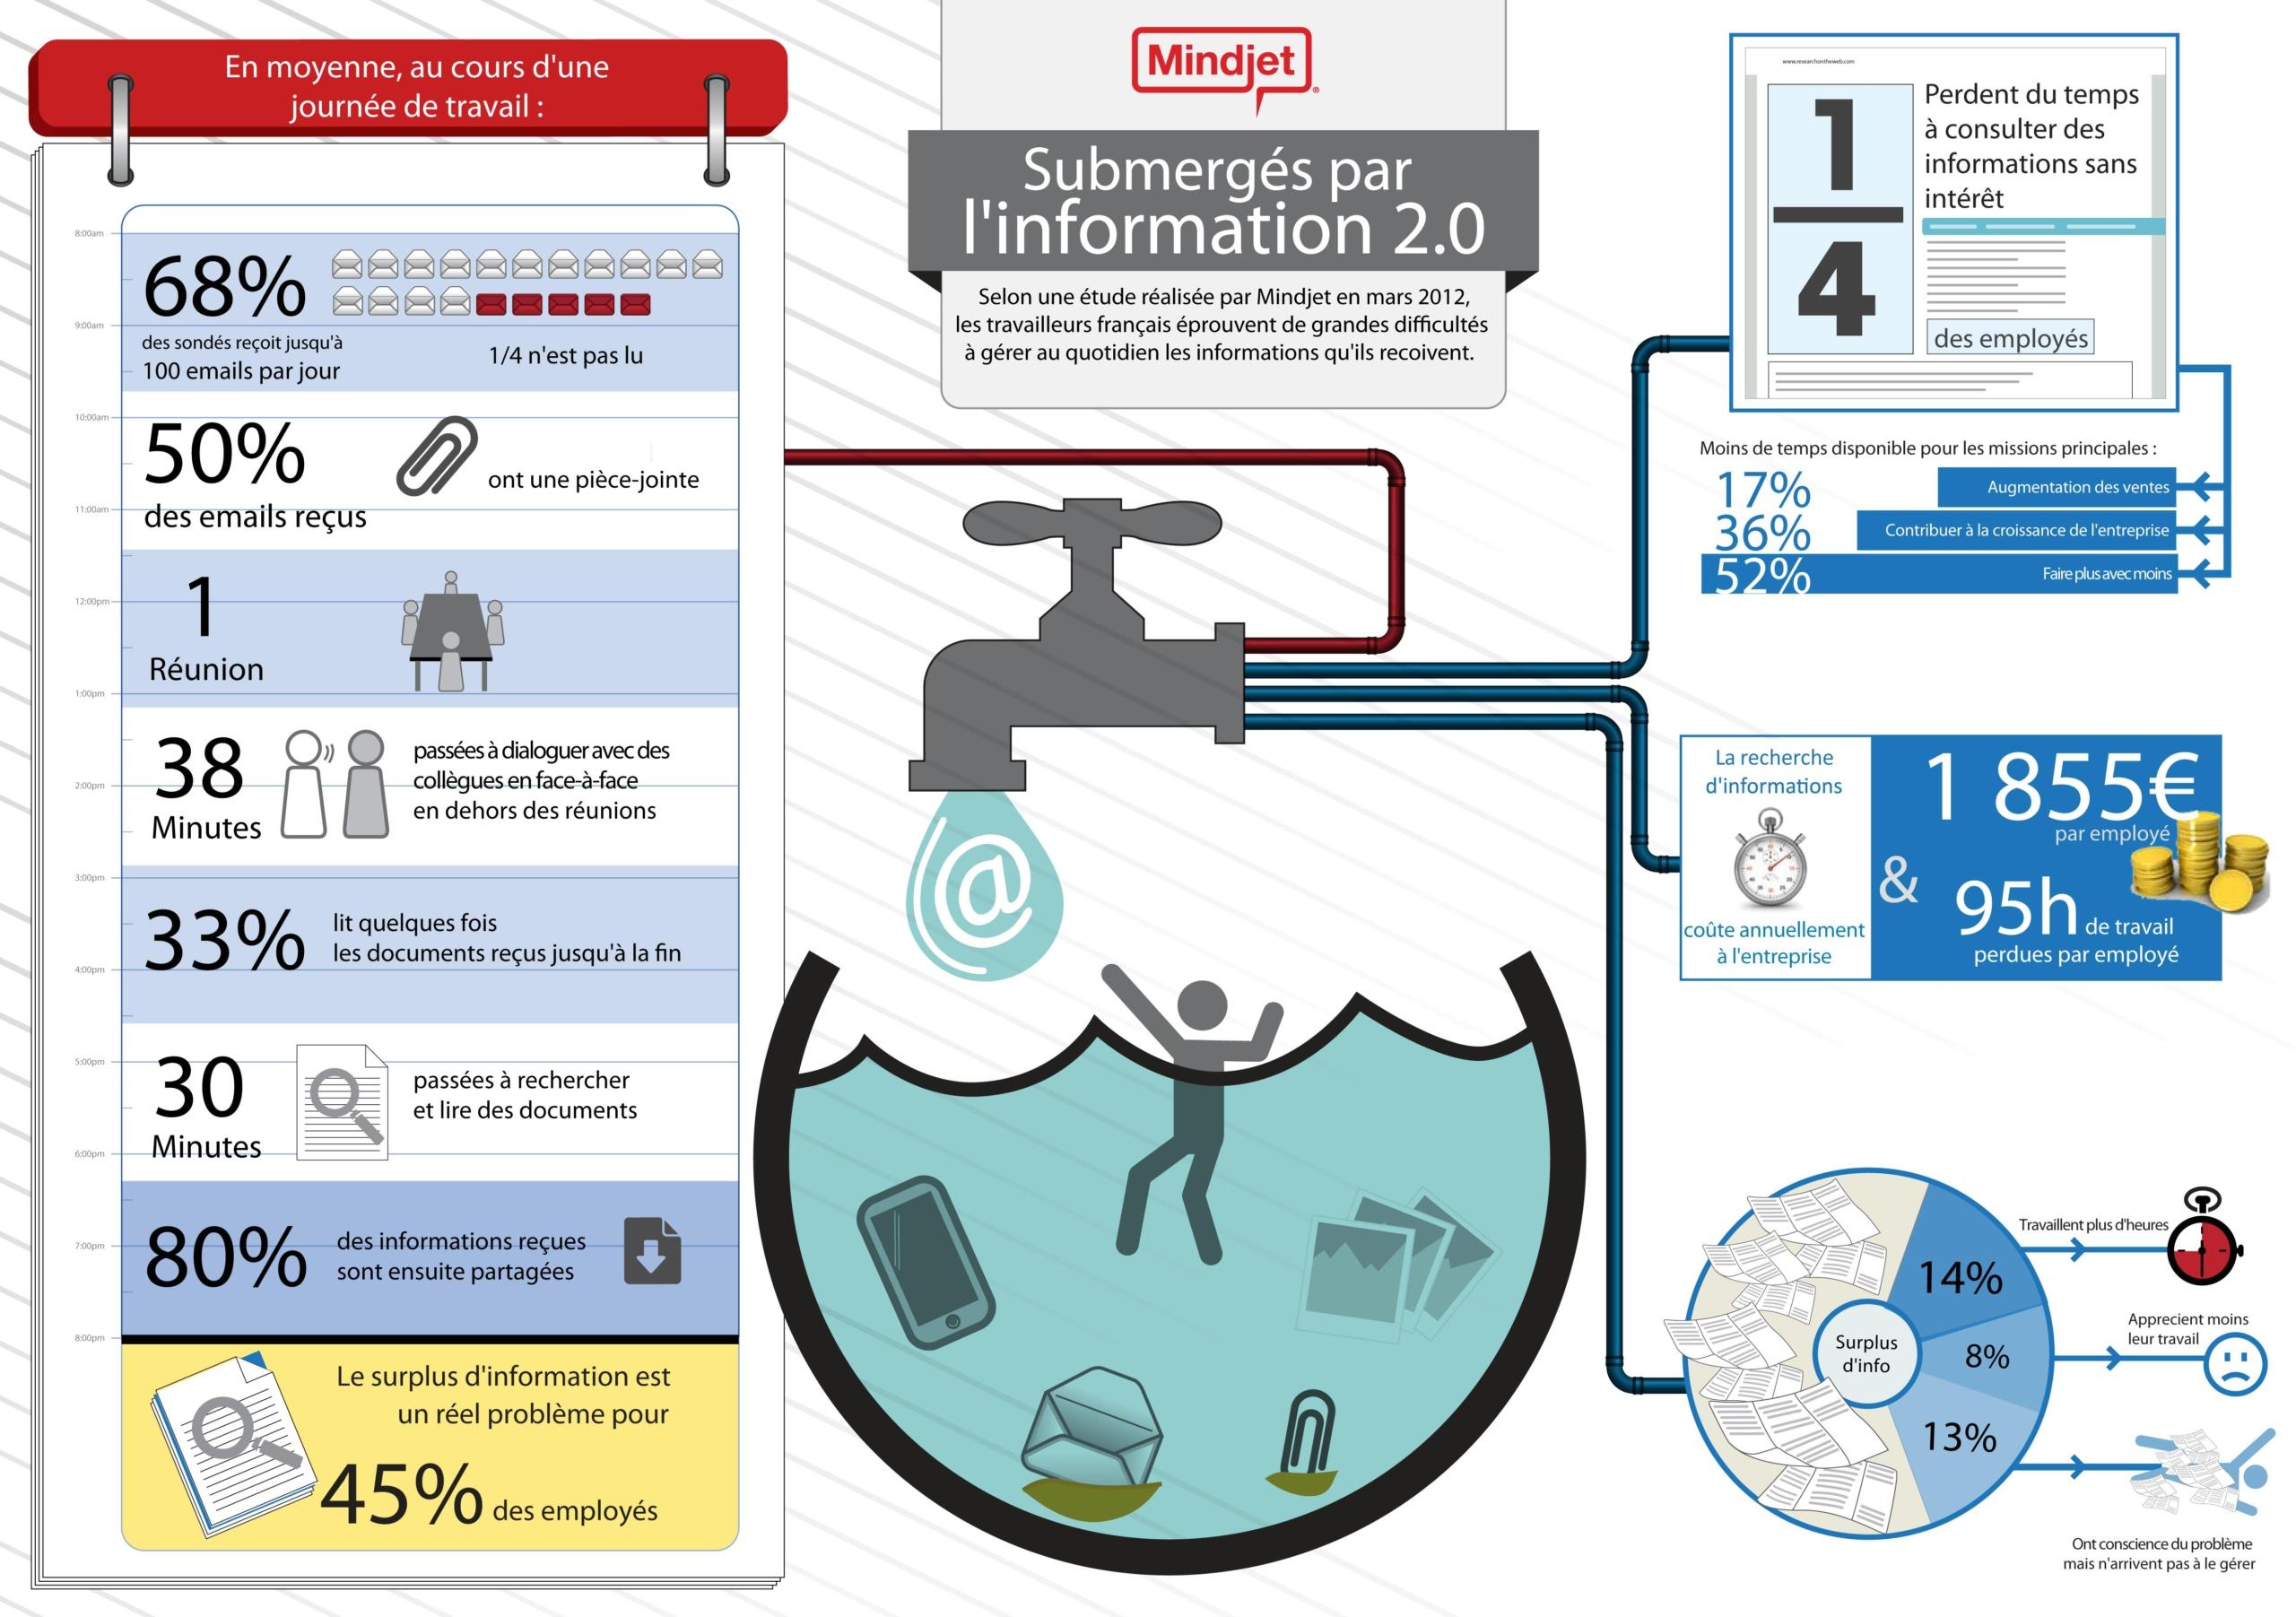 infobésité - les salariés submergés par l'information 2.0 - Etude OnePoll. réalisée en 2012 pour la Sté Mindjet